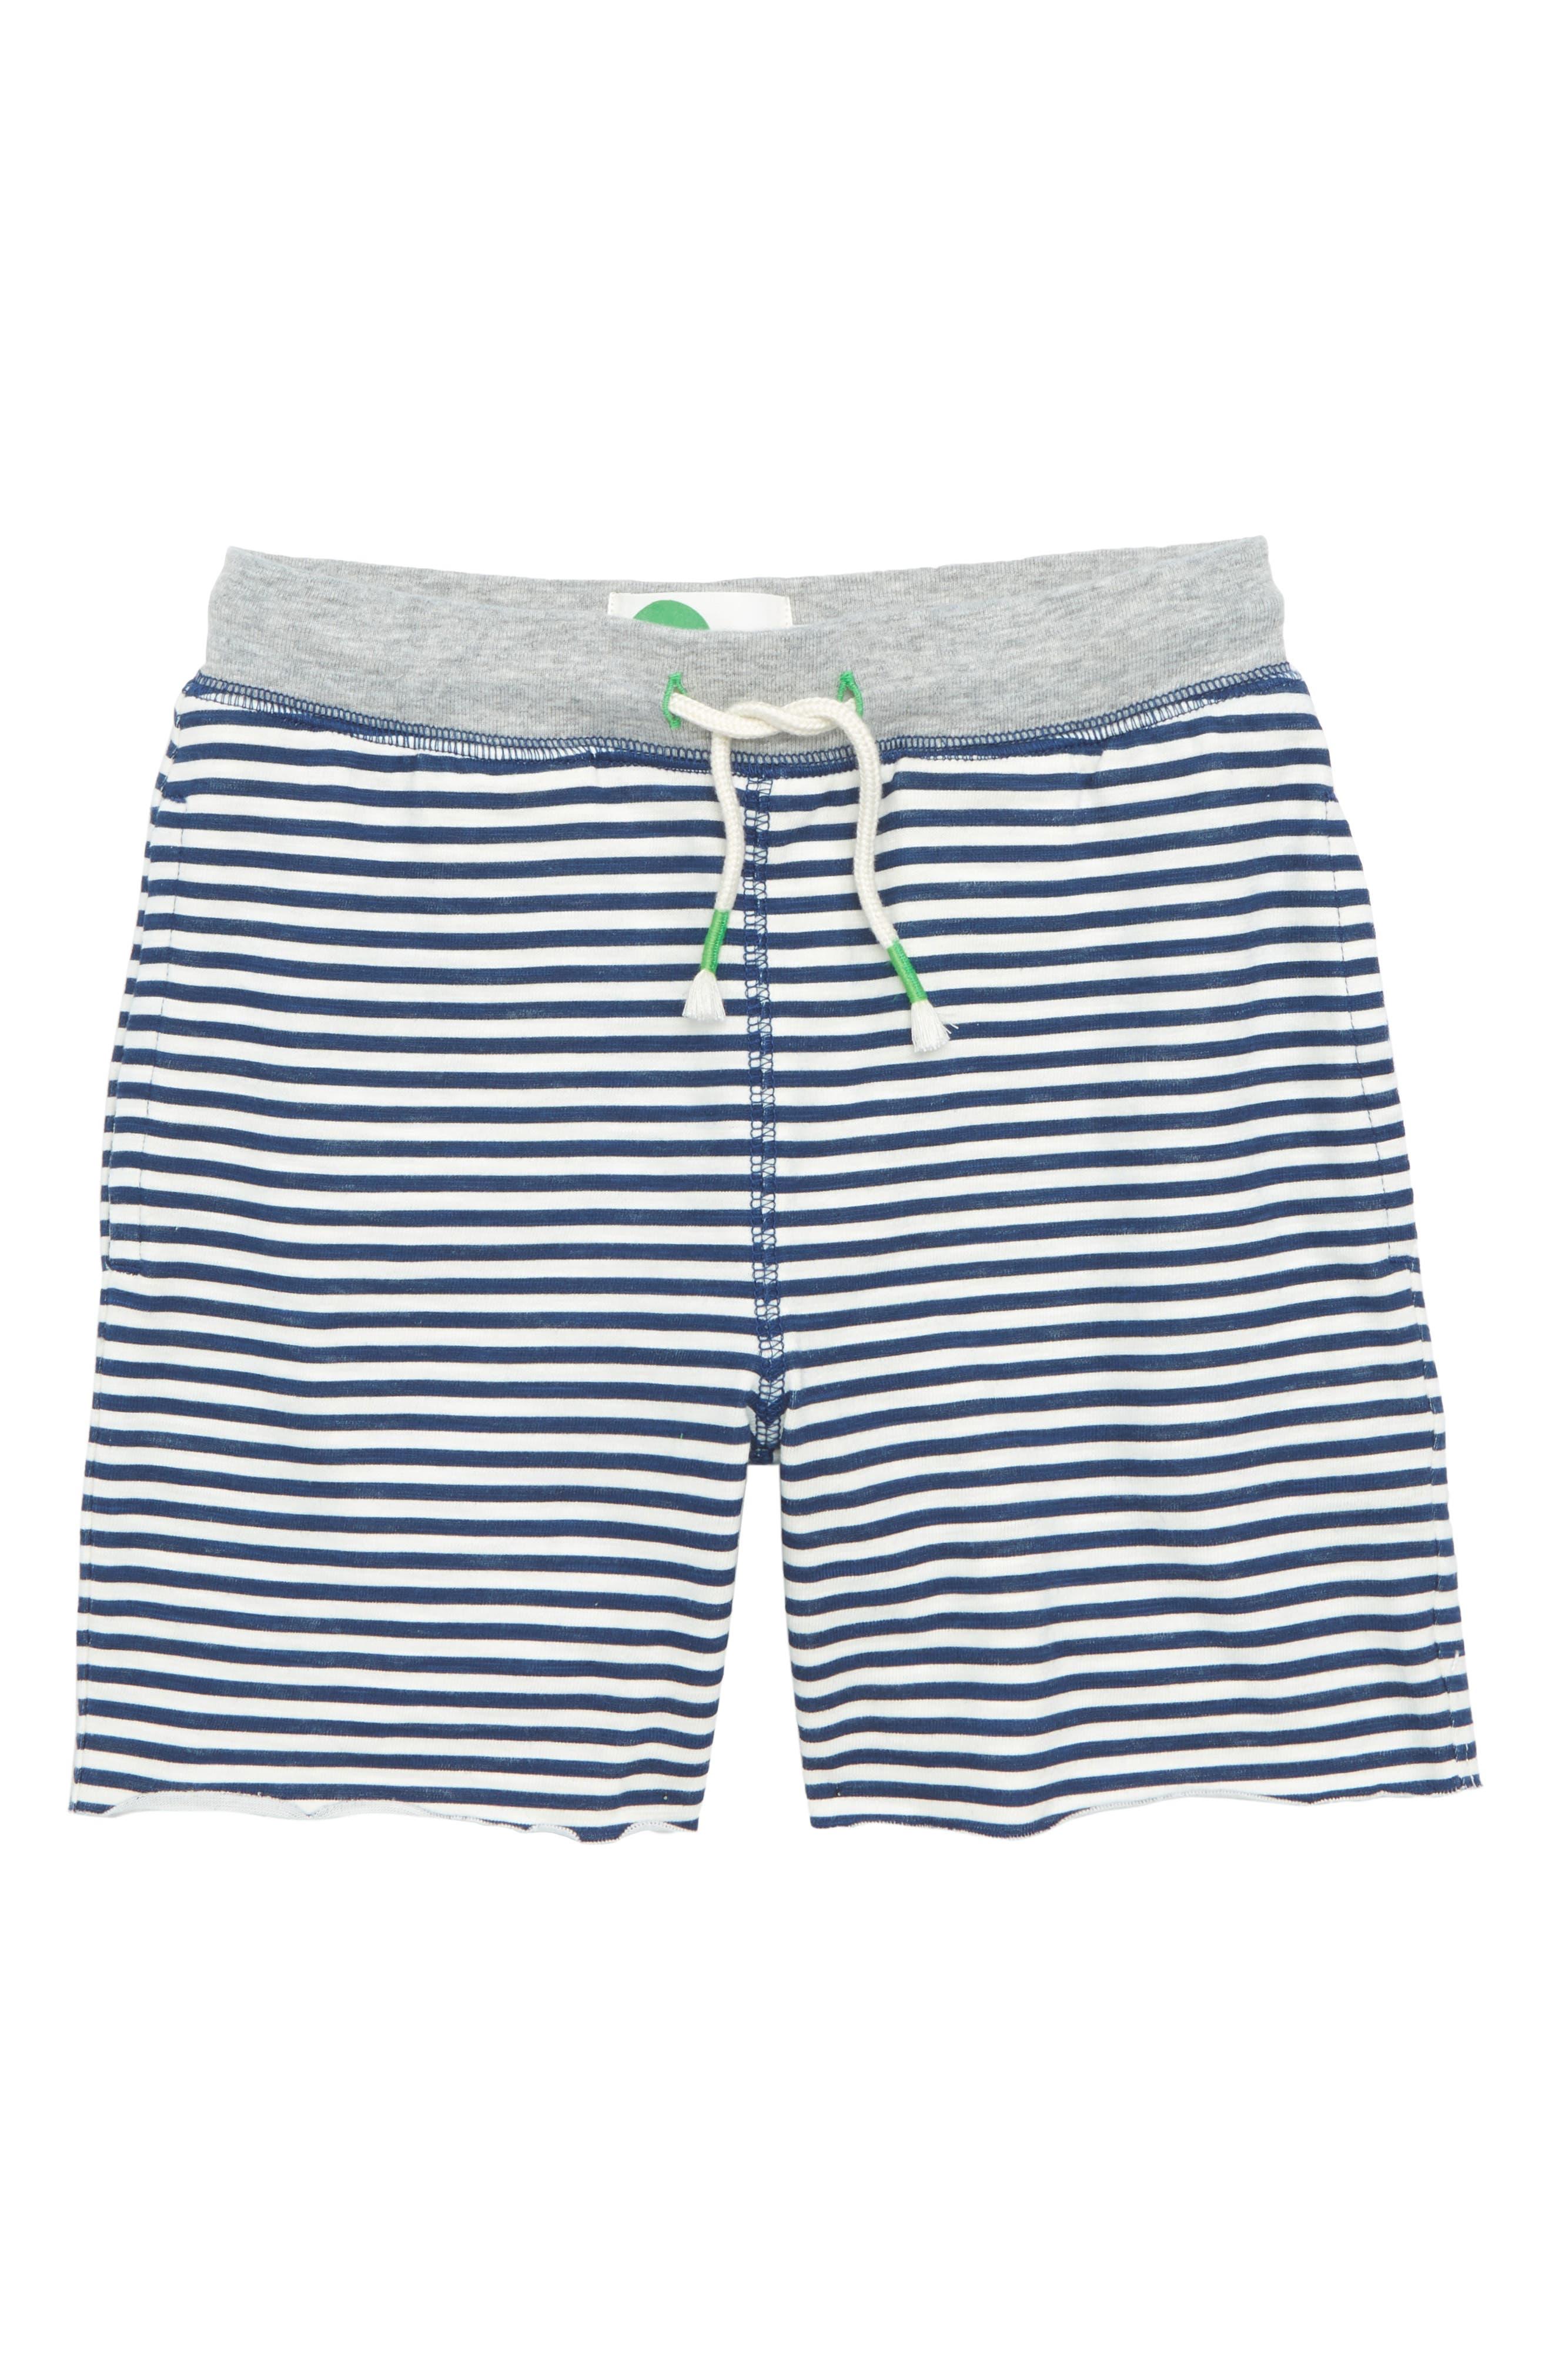 Slub Jersey Shorts,                         Main,                         color, Beacon Blue/ Ivory